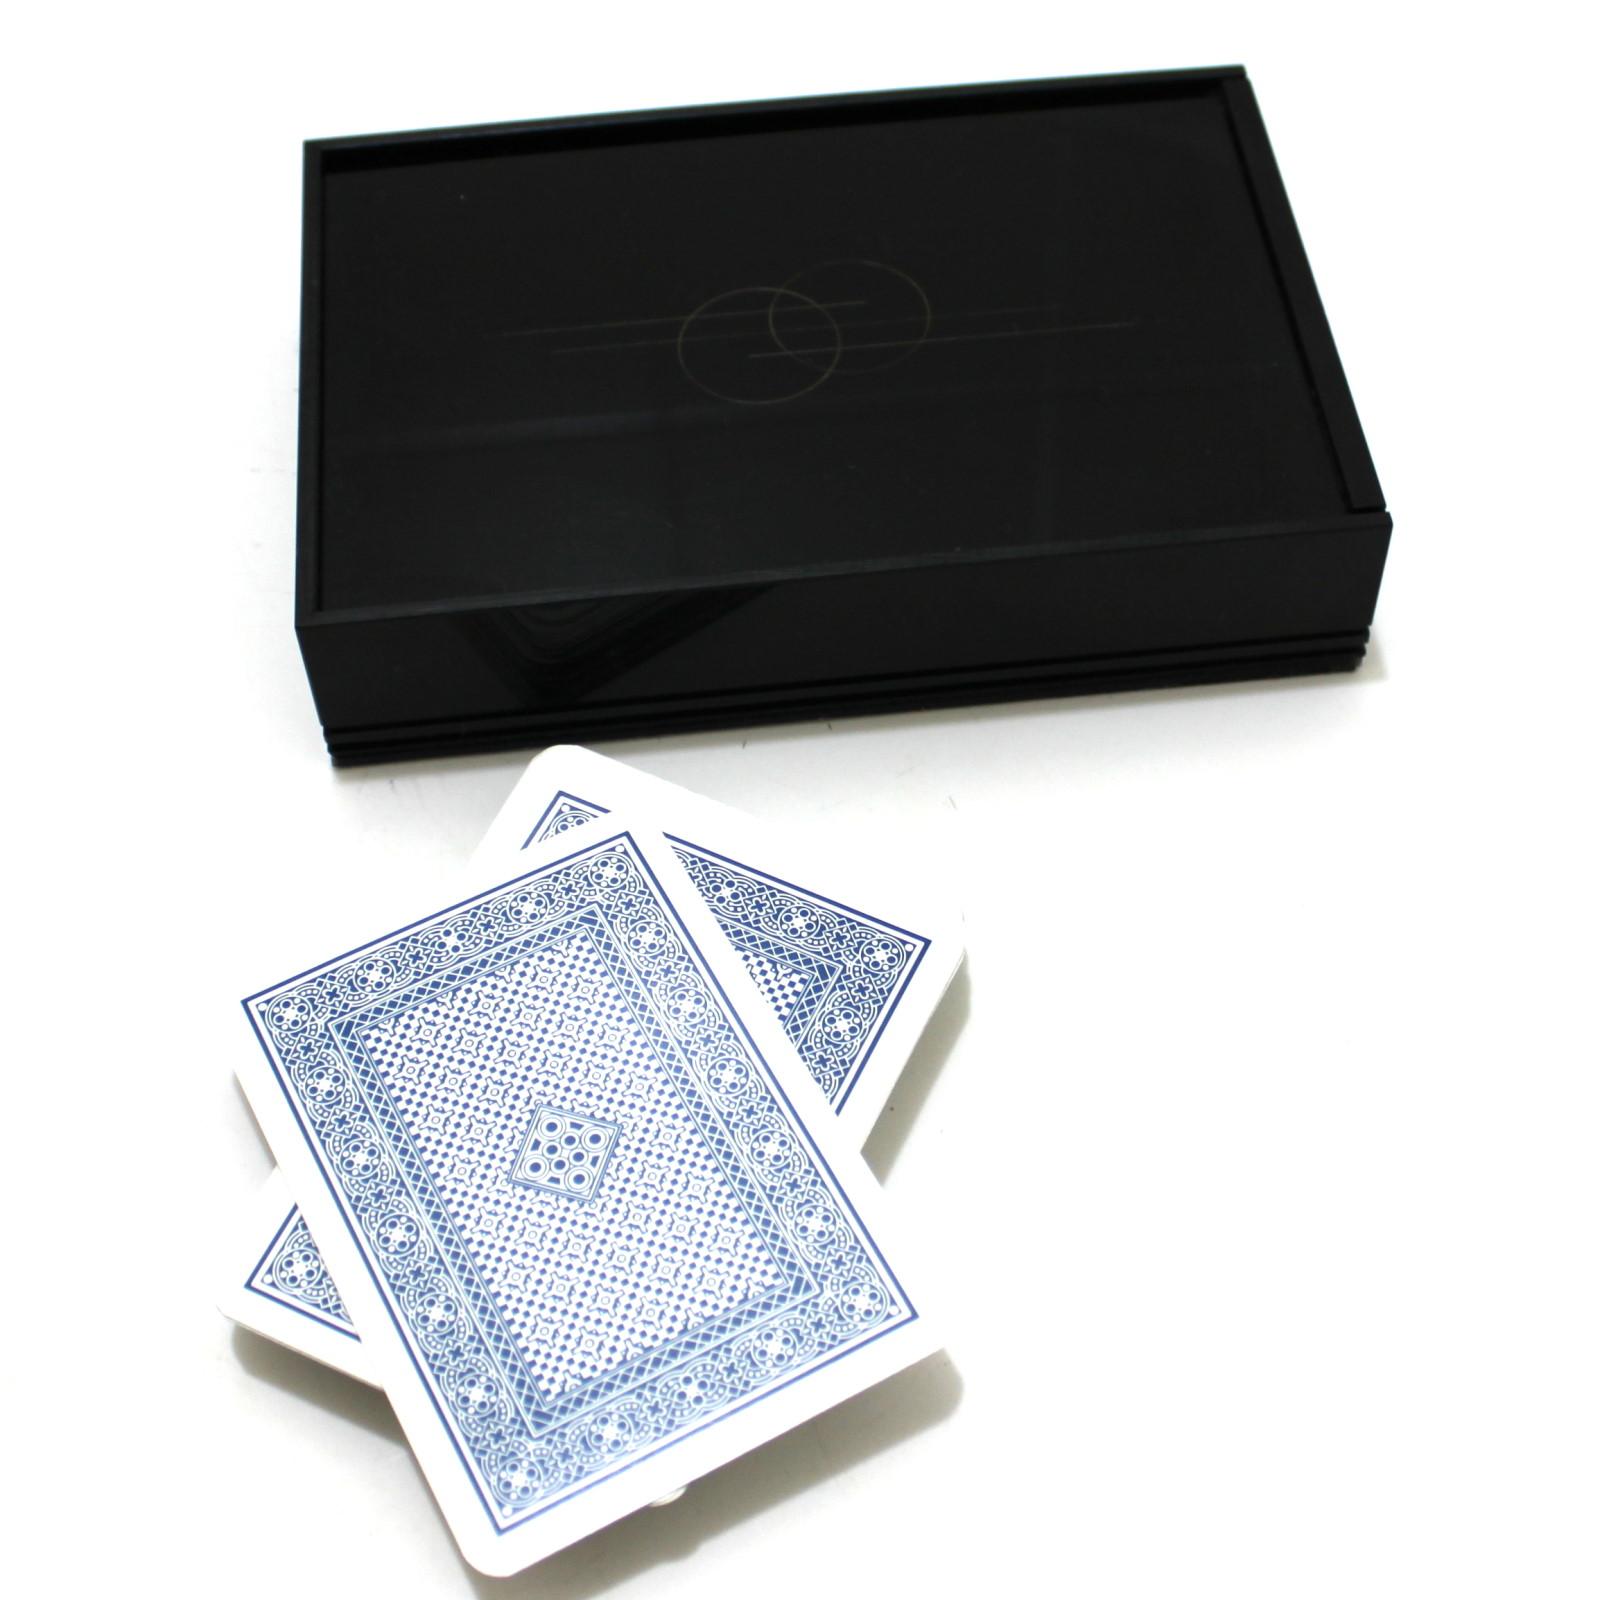 Electronic Surprise Box by Anverdi